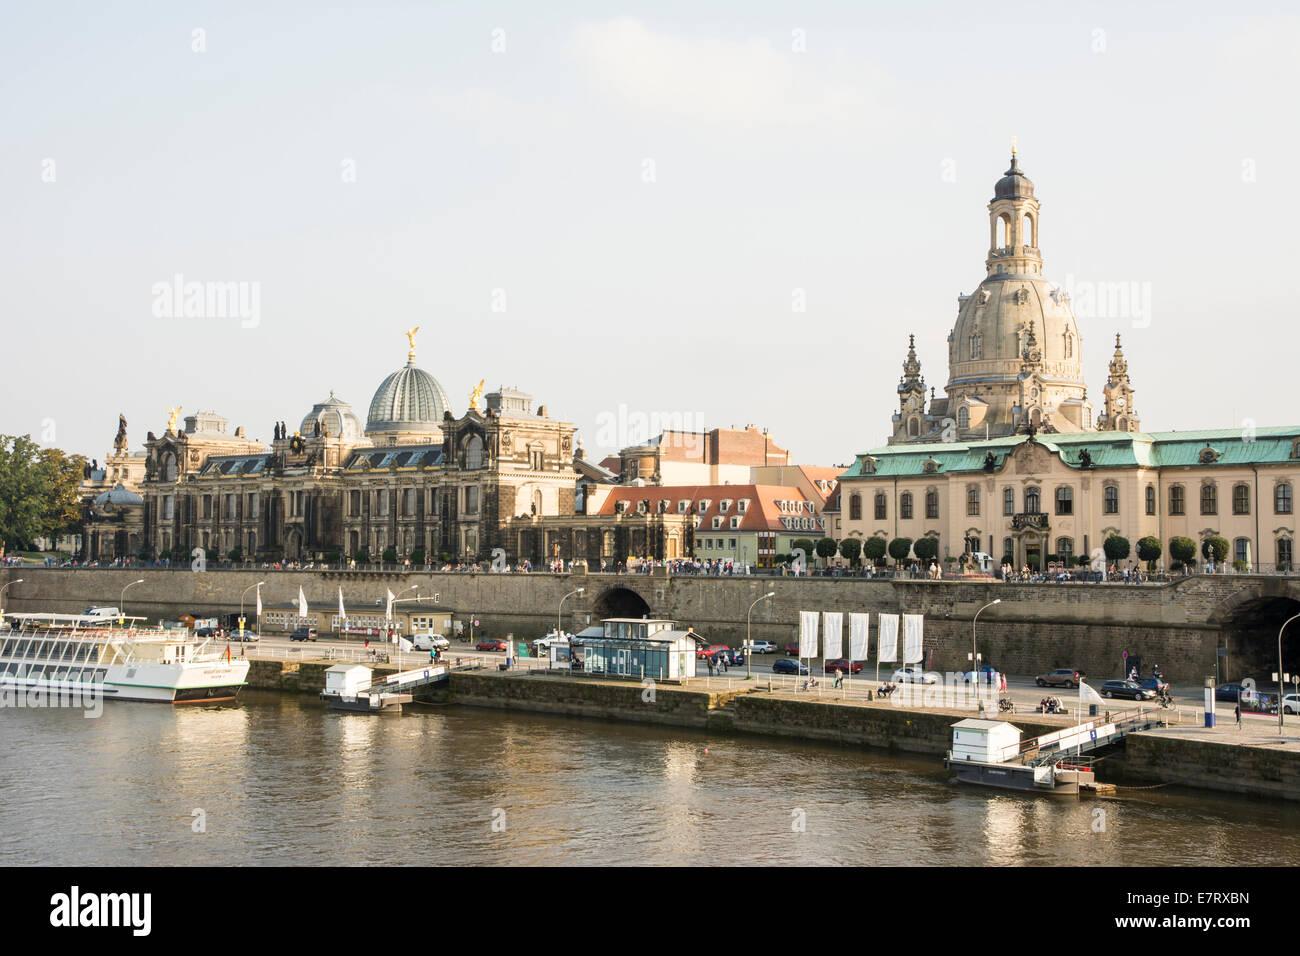 DRESDEN, Germania - 4 settembre: Turisti alla passeggiata lungo il fiume Elba a Dresda, in Germania il 4 settembre Immagini Stock